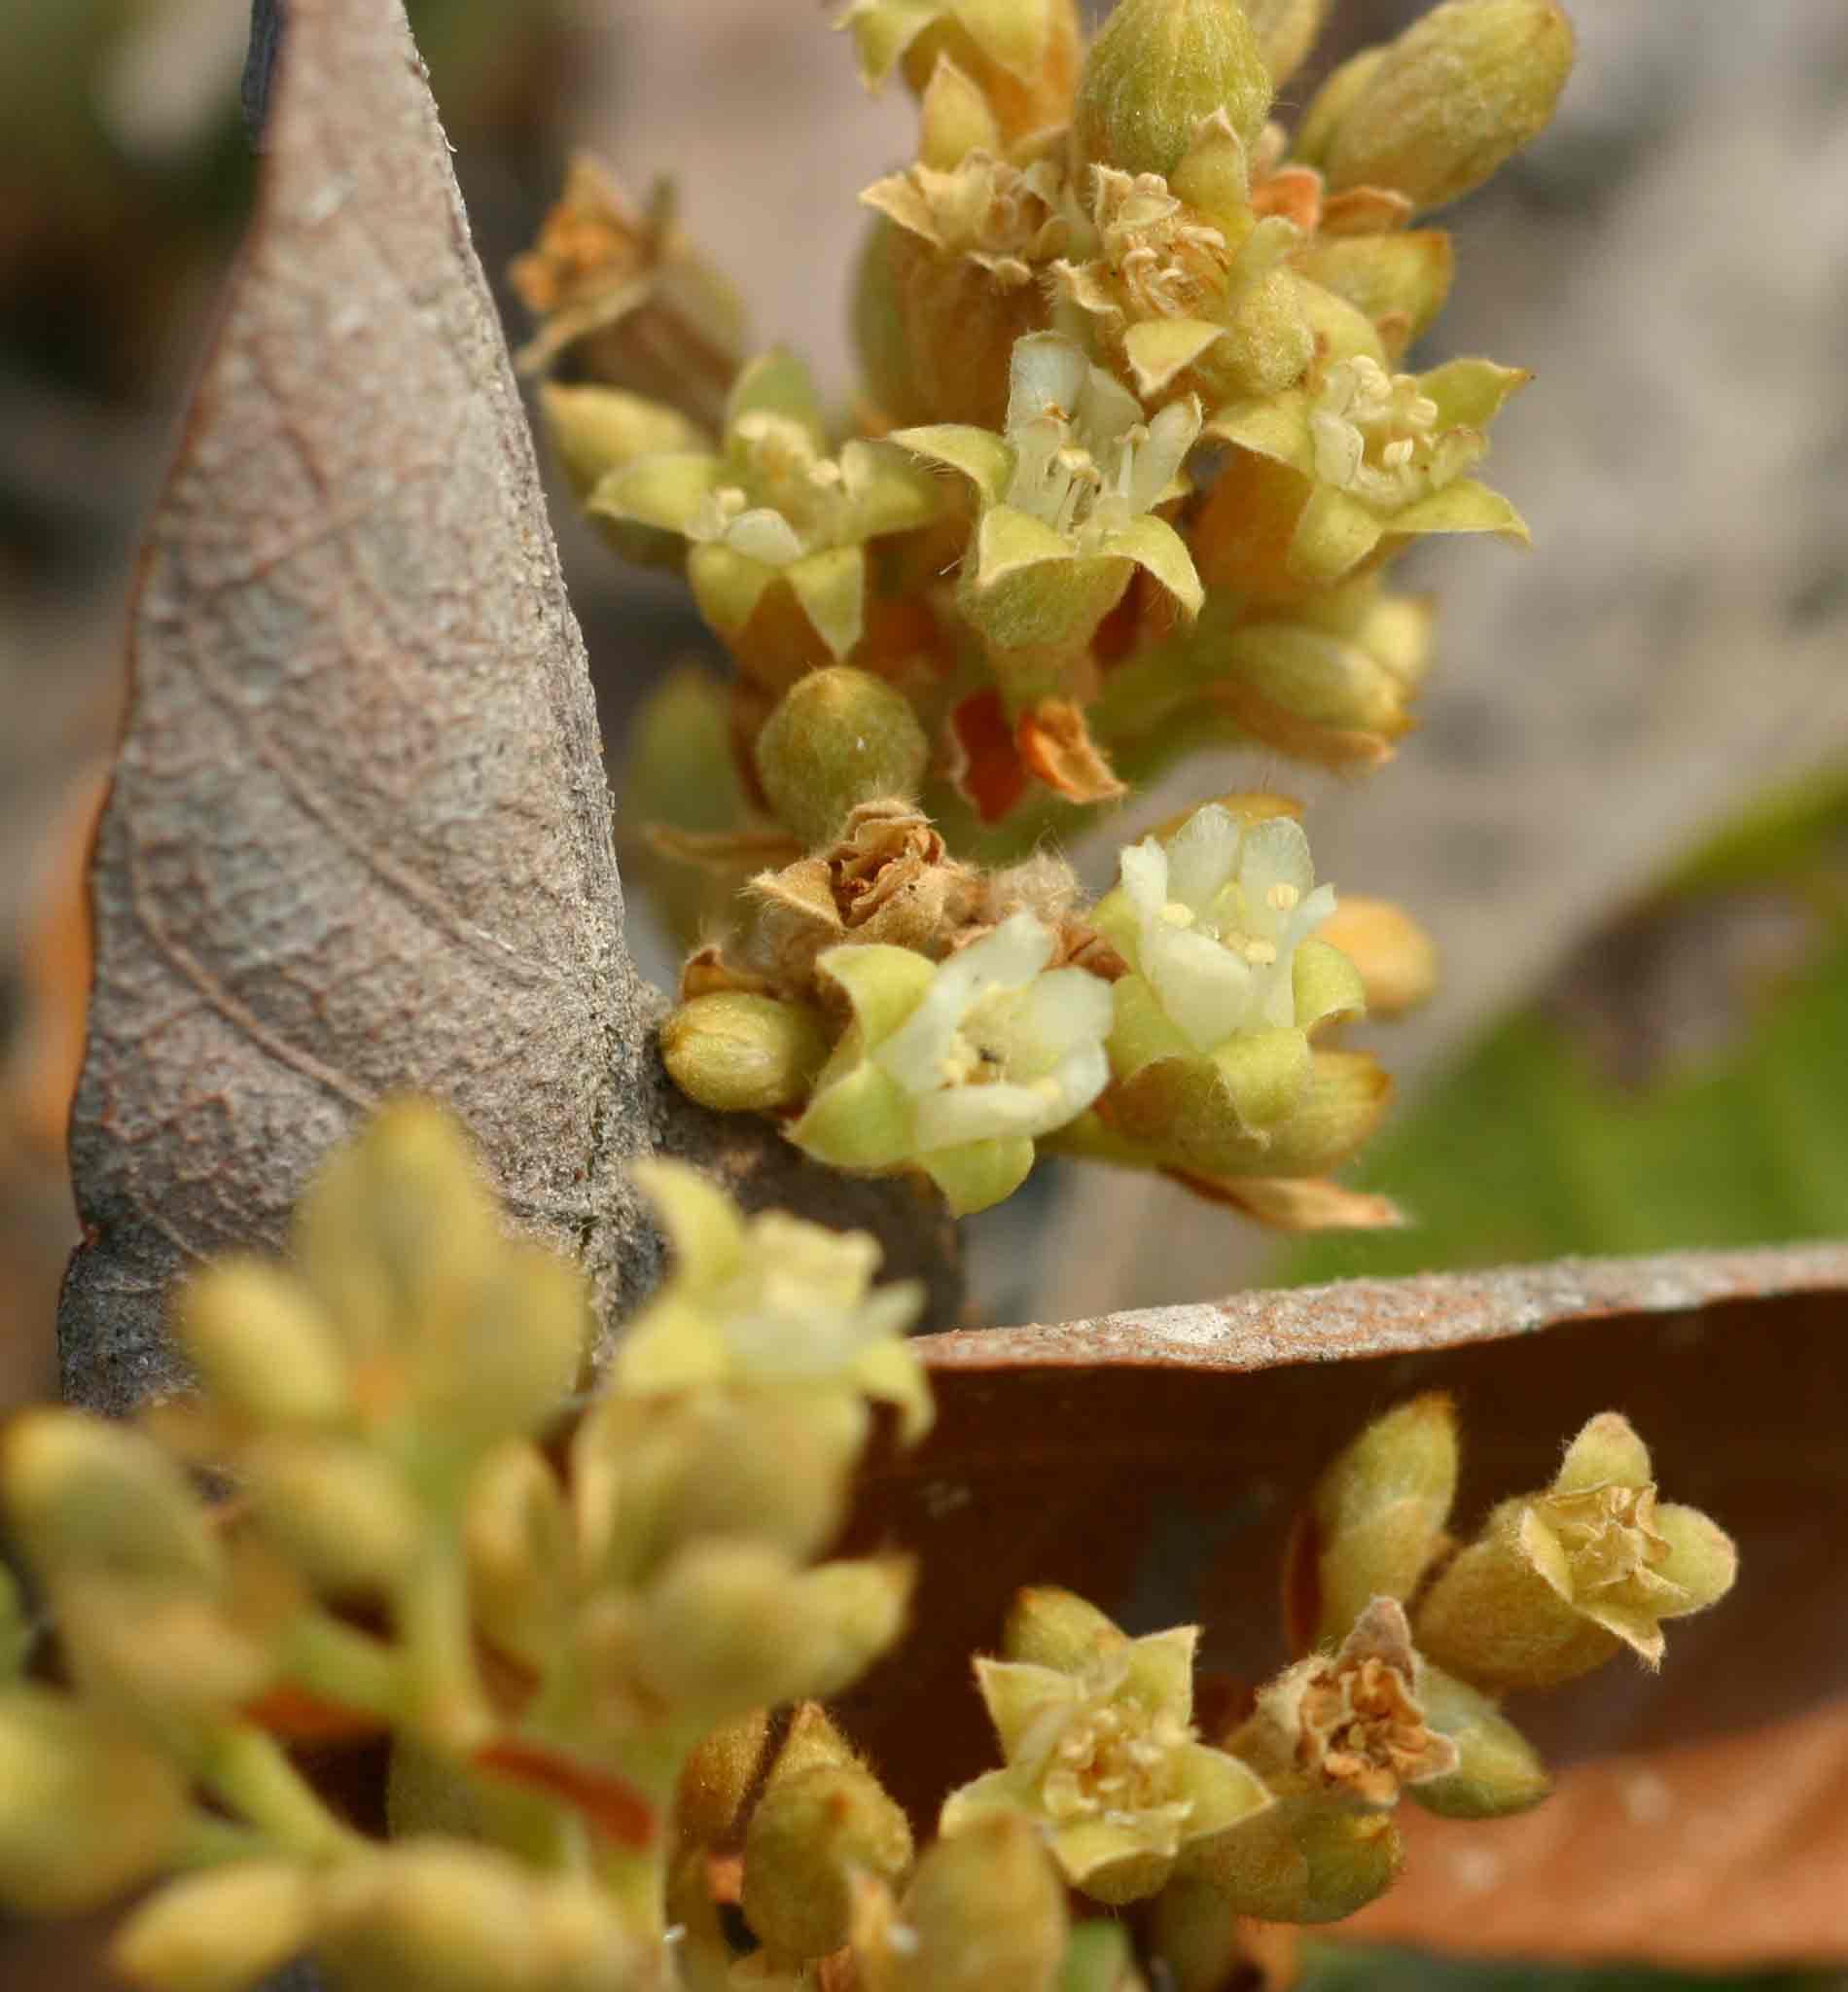 Parinari capensis subsp. capensis